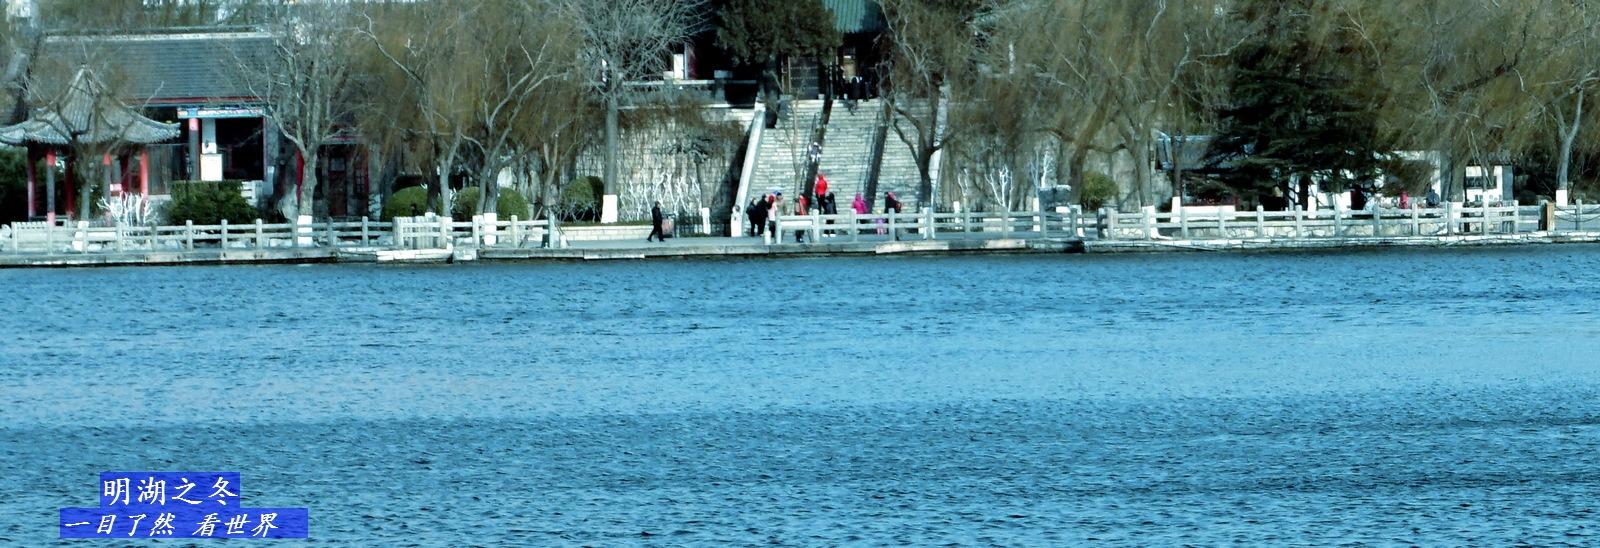 明湖之冬-10-1600.jpg